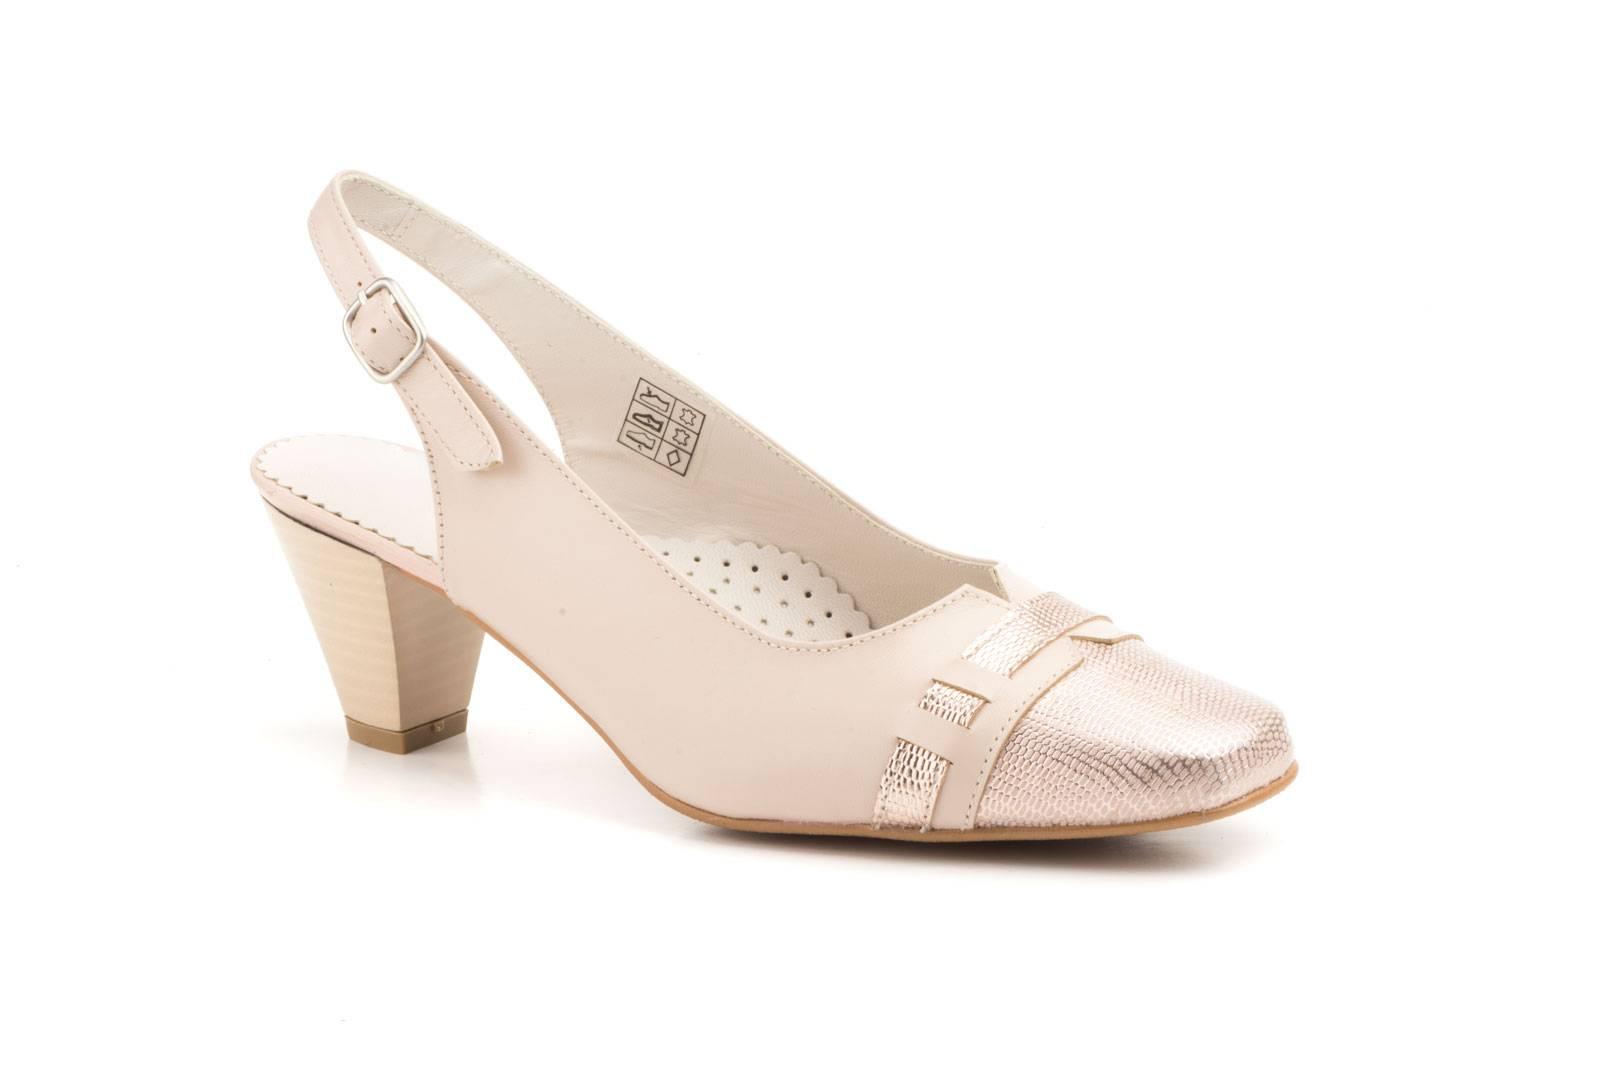 4cbc836f Zapatos Mujer Piel Rosa Serpiente Tacón 5522-ROSA 49,90 €